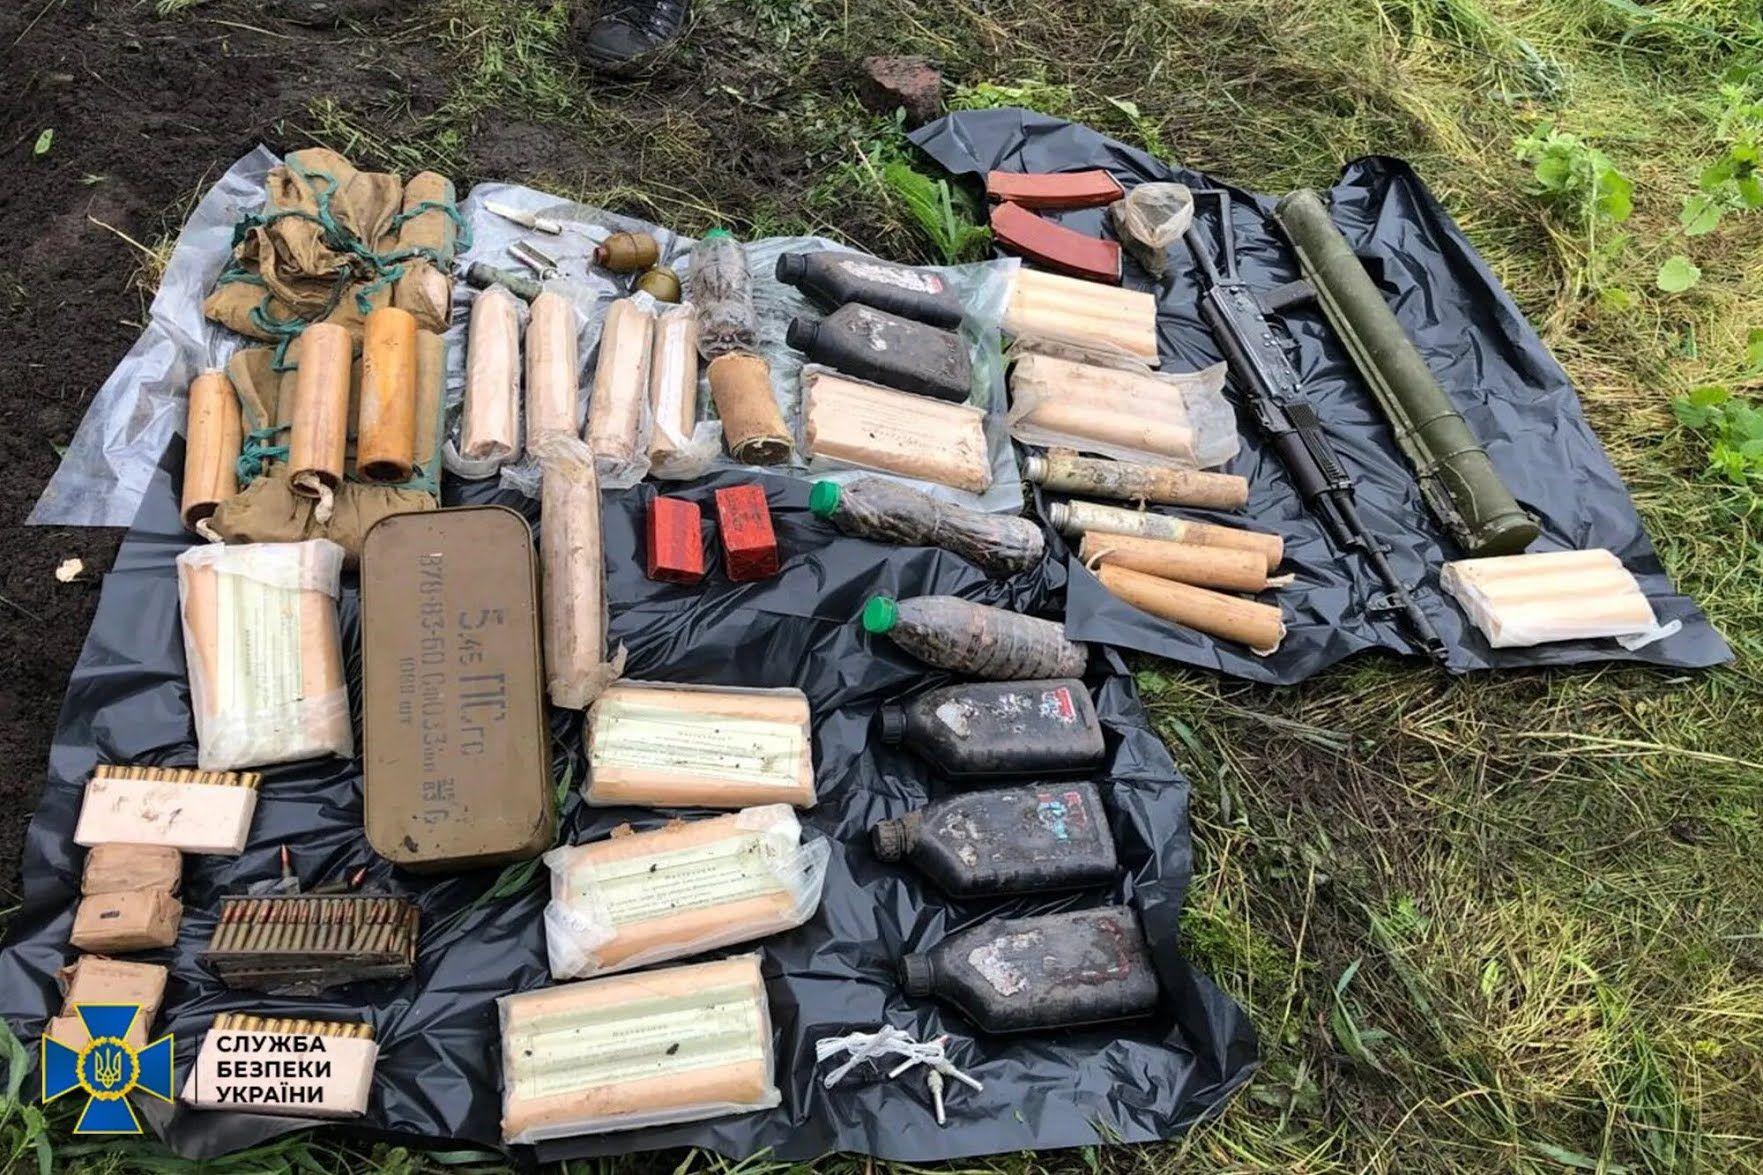 Изъятое оружие и взрывчатка направлены на экспертизу